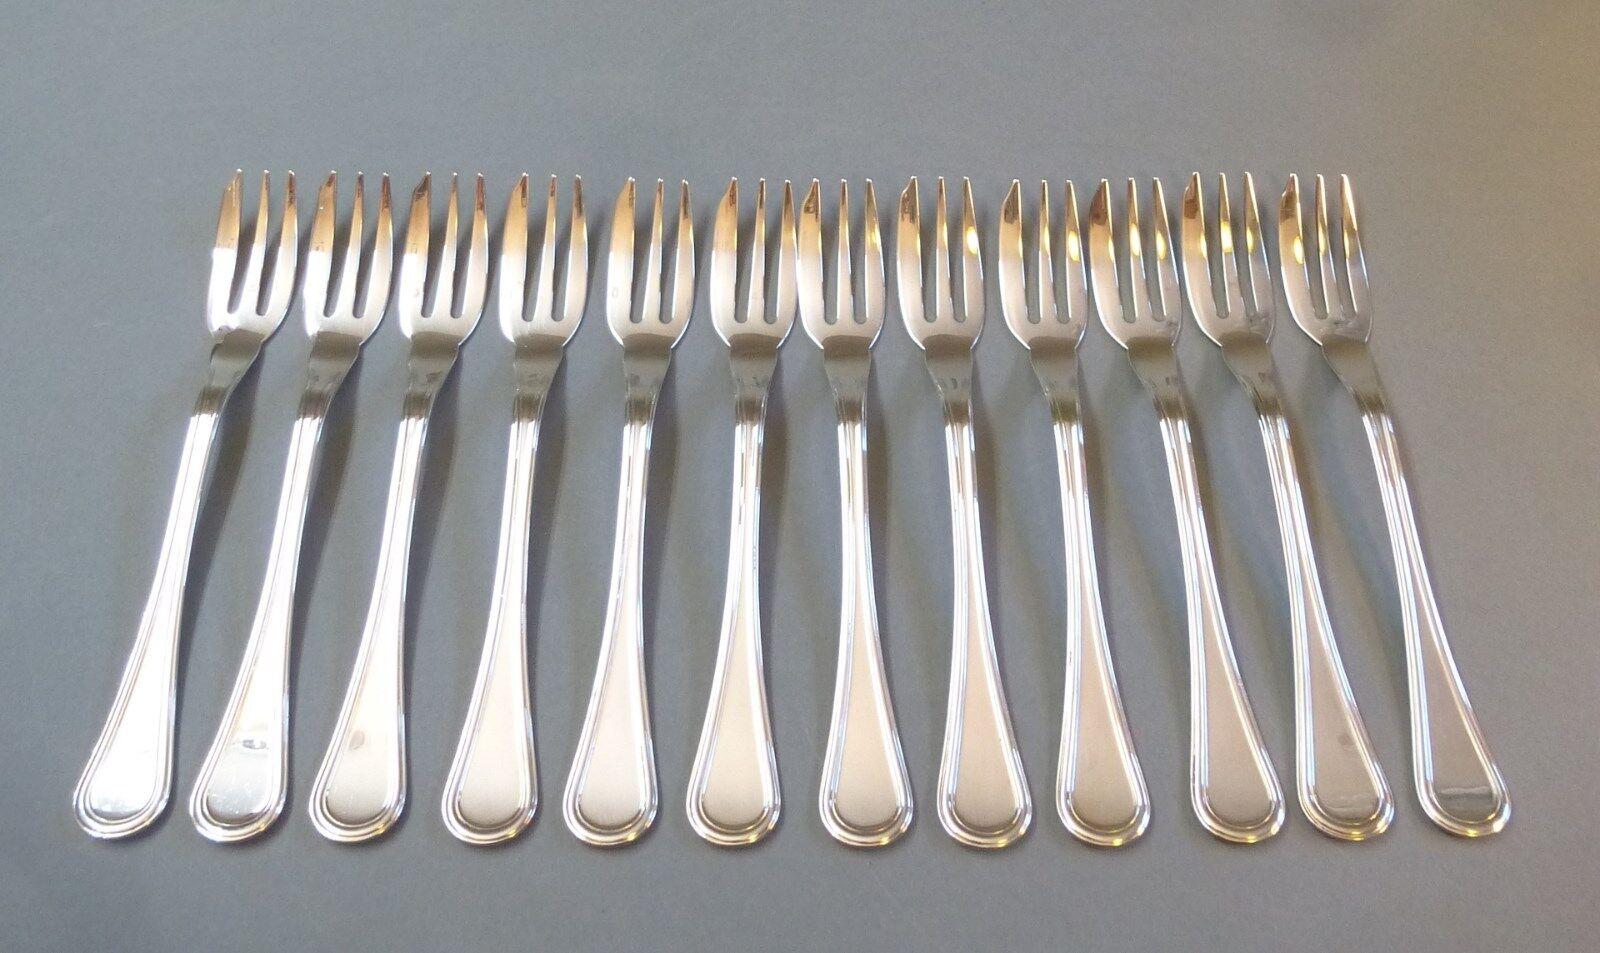 12 Gateau fourchettes dessert Fourchette obstgabel Gateau fourchette Oxford 800er Argent 12 Pièces